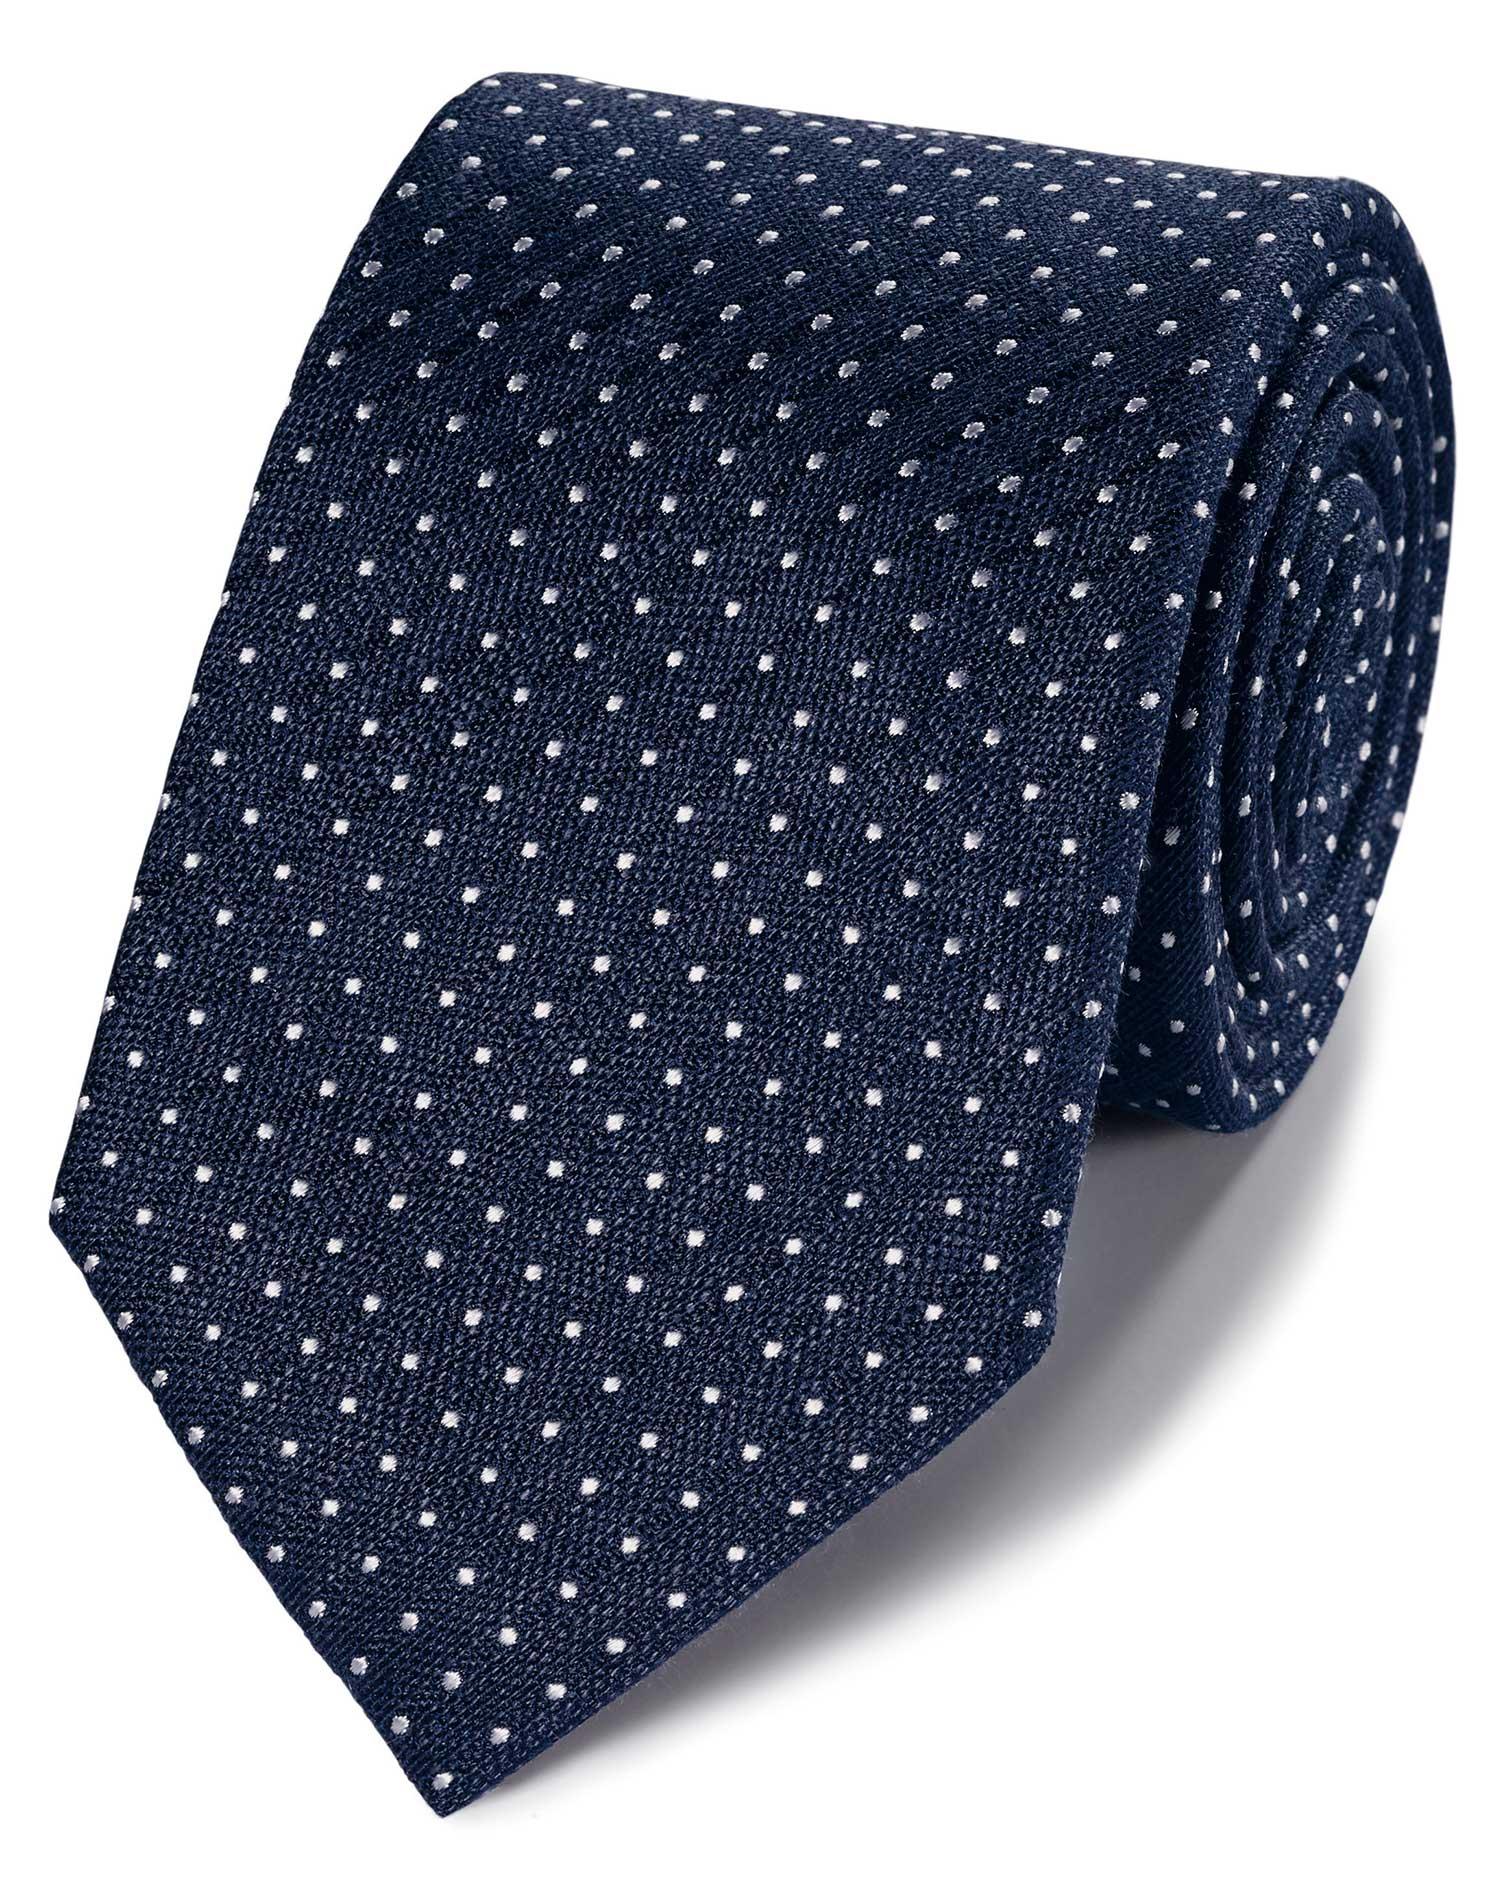 Klassische Krawatte Leinen/Seide mit Punkten in Marineblau